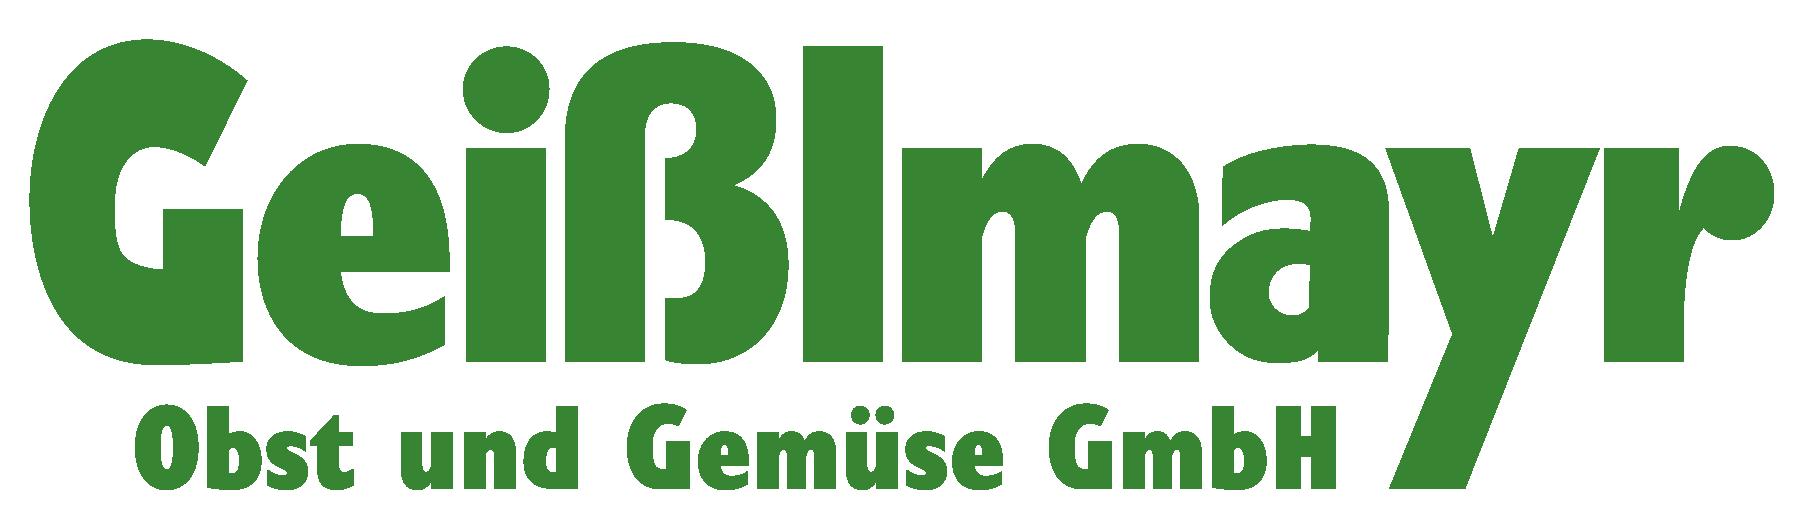 Geißlmayr Obst und Gemüse GmbH im Bezirk Eferding in OÖ | Die Firma Geißlmayr Obst und Gemüse GmbH ist ein tief verwurzelter Traditionsbetrieb im schönen Eferdinger Landl. 70 verschiedene Gemüsearten werden hier, im kleinsten Bezirk Oberösterreichs produziert.